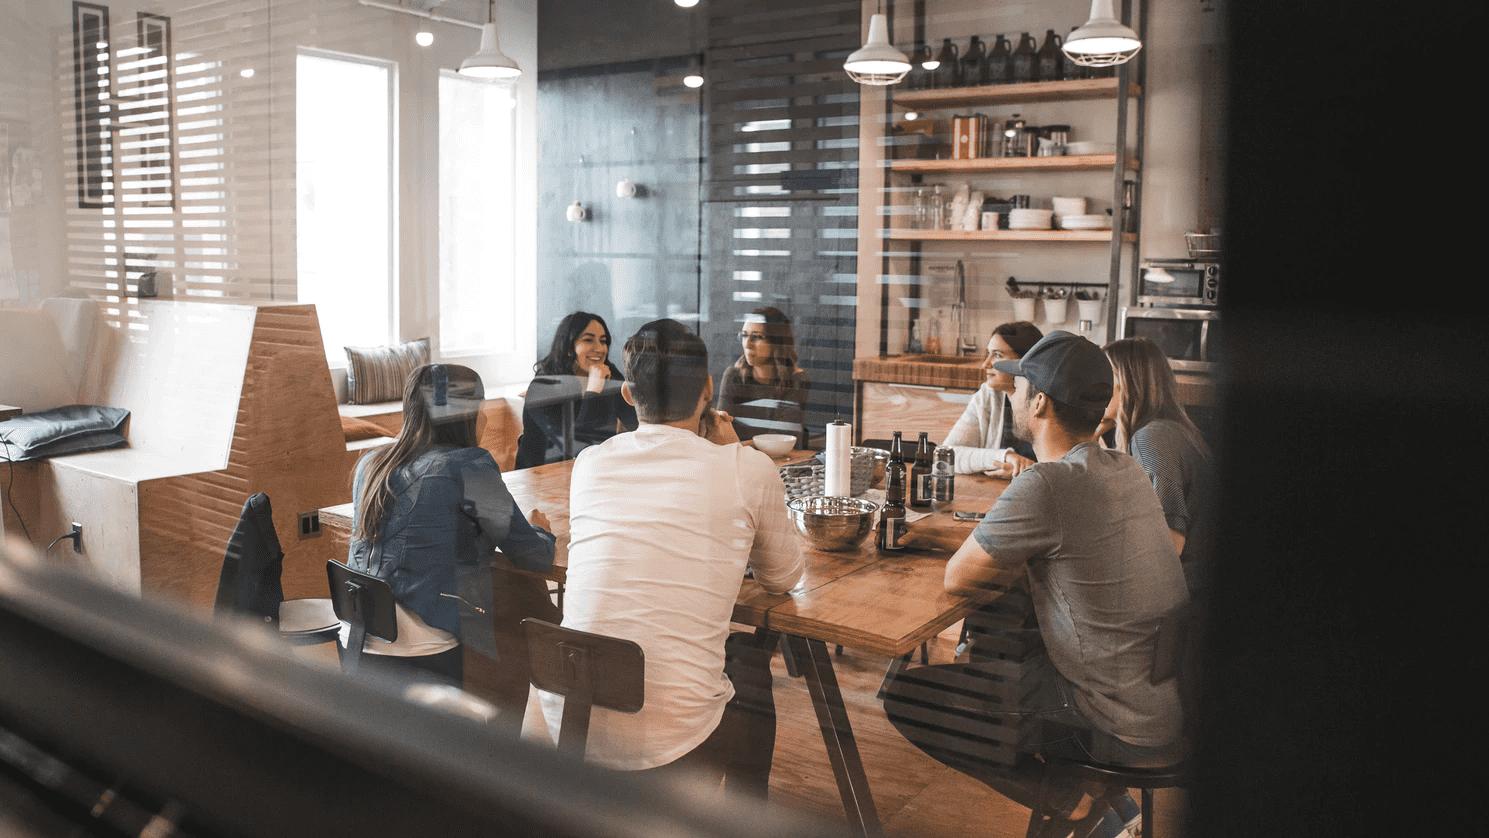 employees socializing on break